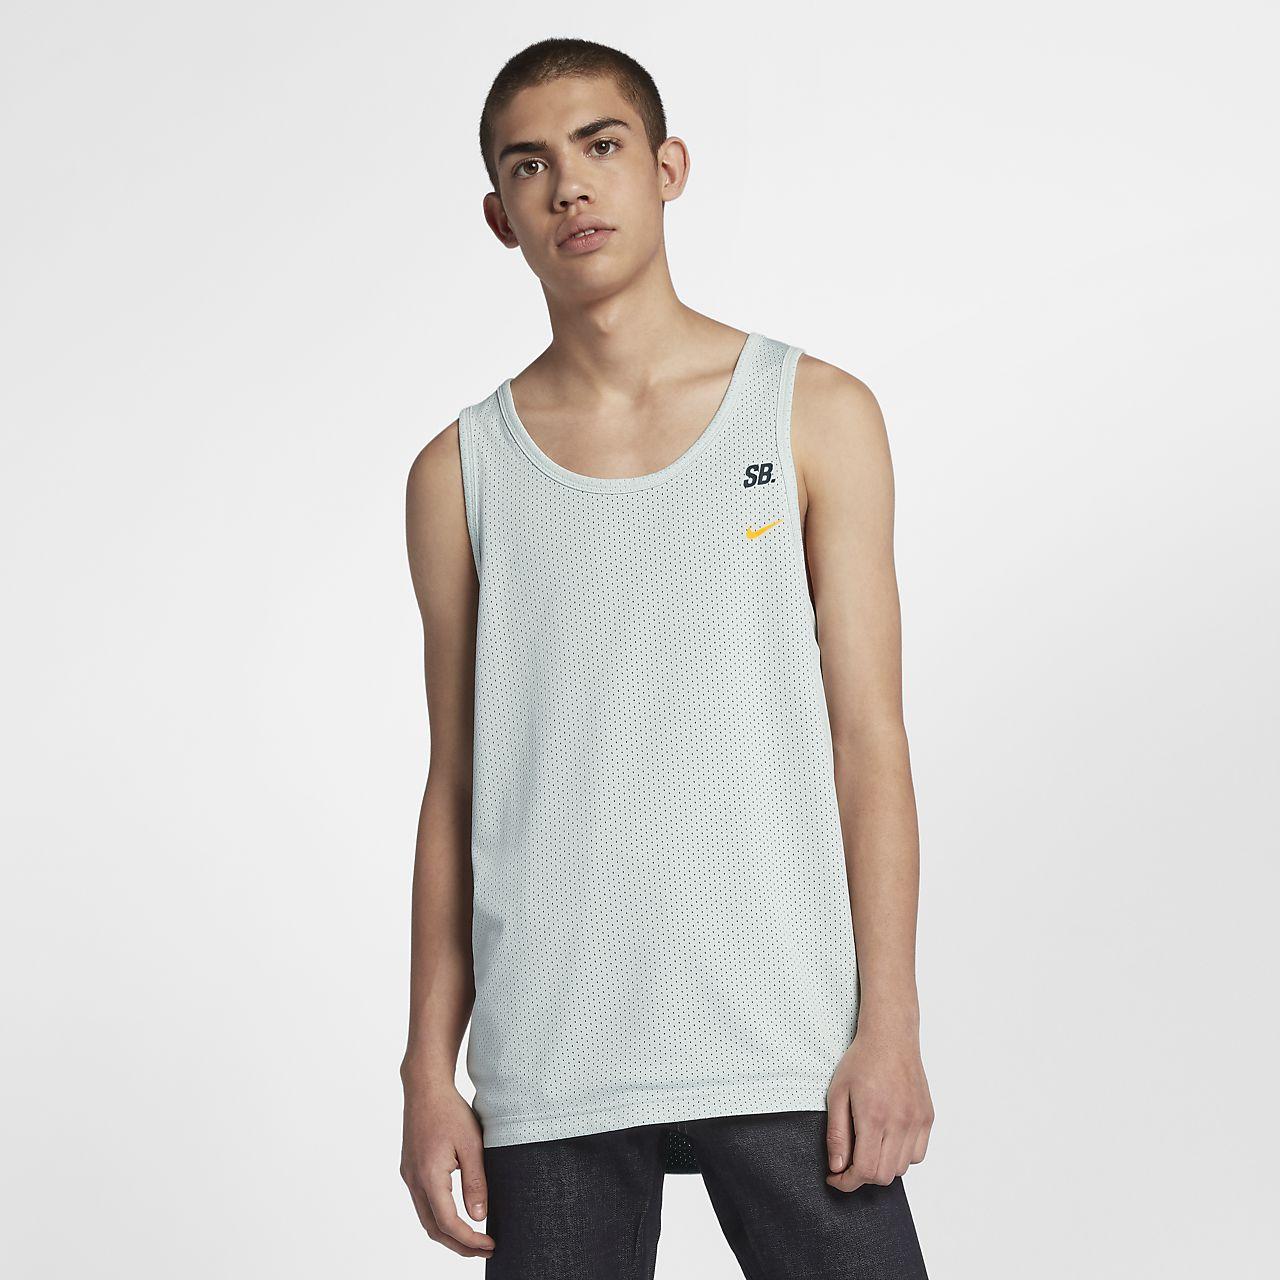 CAMISETAS Y TOPS - Camisetas de tirantes Nike rIvvQ6nhd0